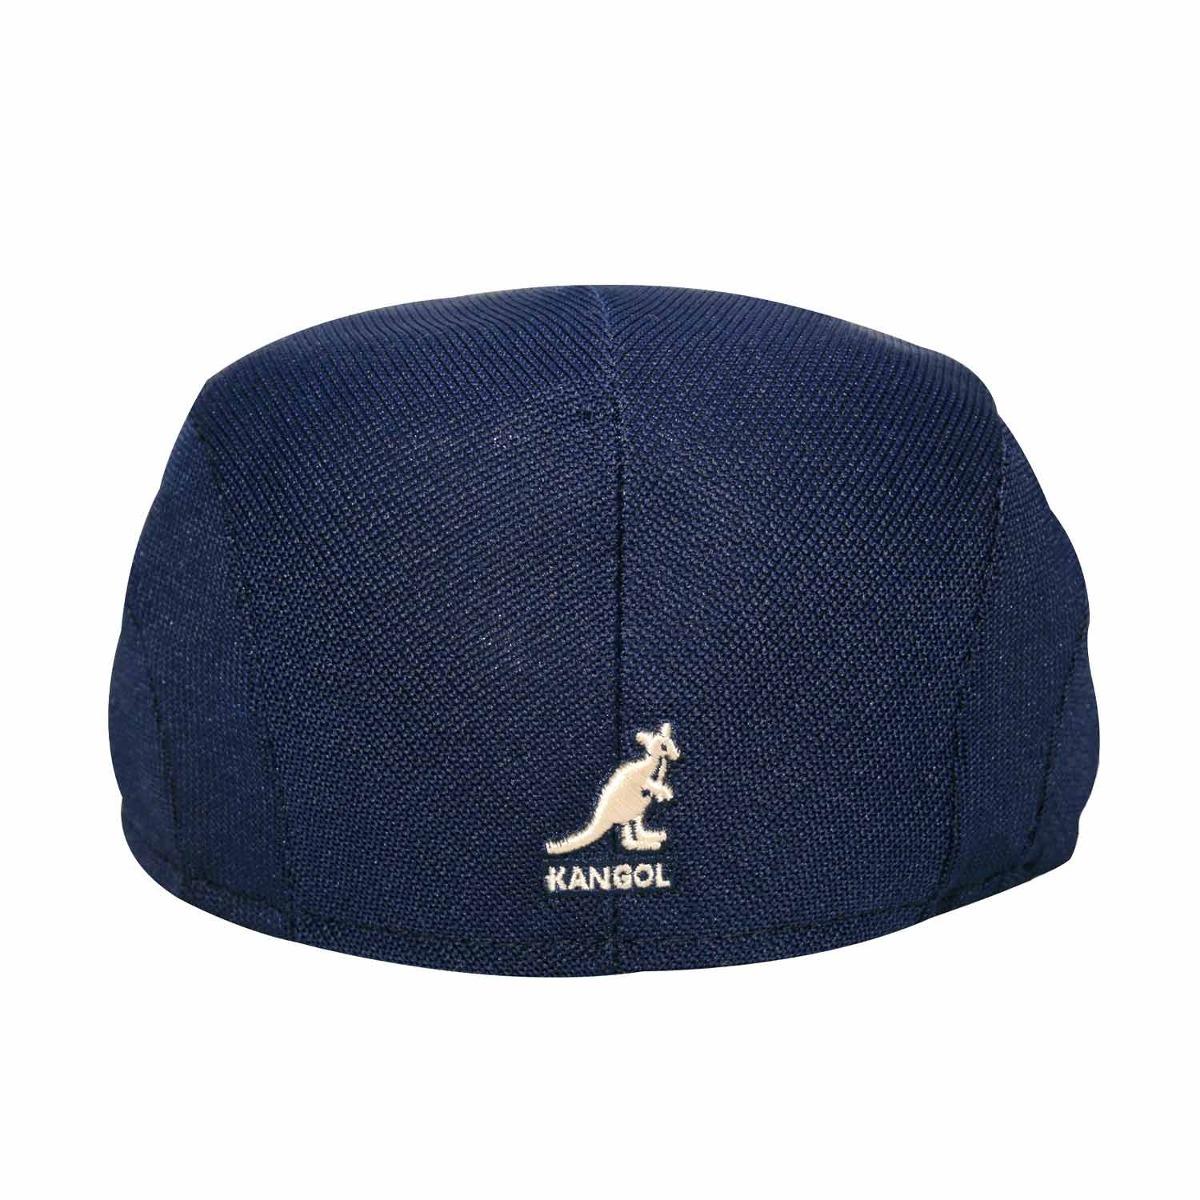 2c29881ac7f1e Boina Kangol Tropic 507-azul Marinho-tamanho 55 56 - R  195